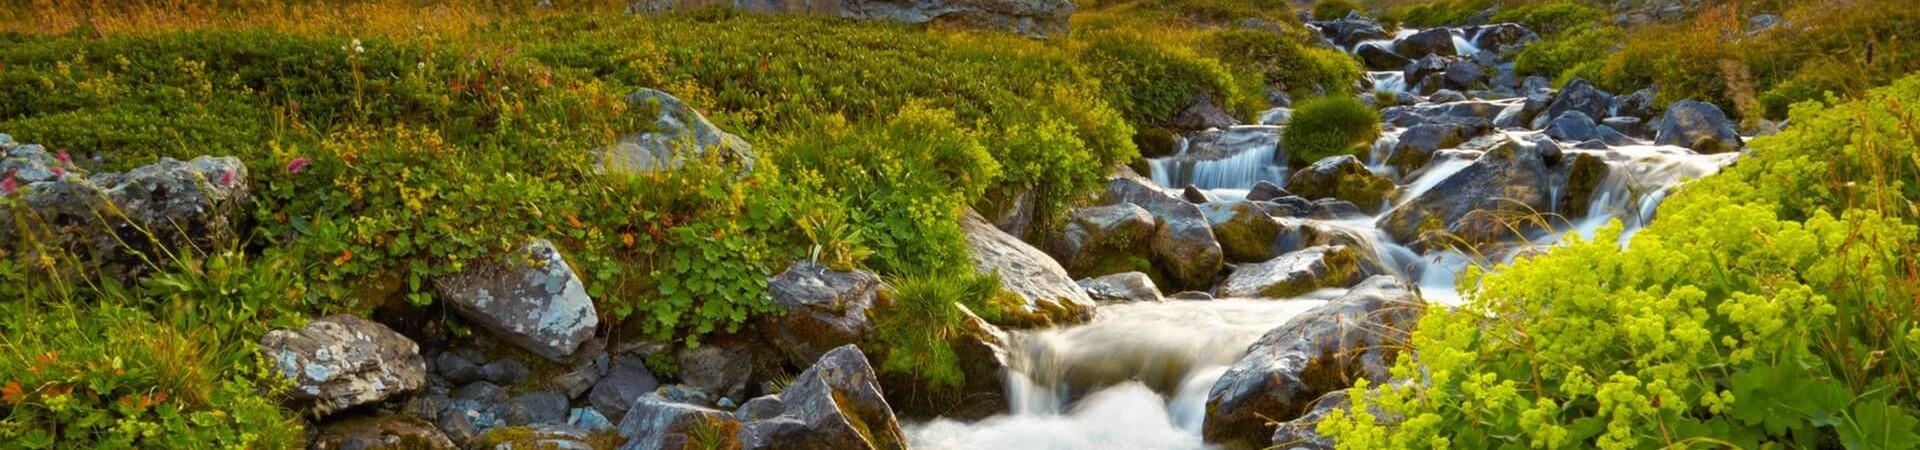 Alpejskie krajobrazy gór kackar